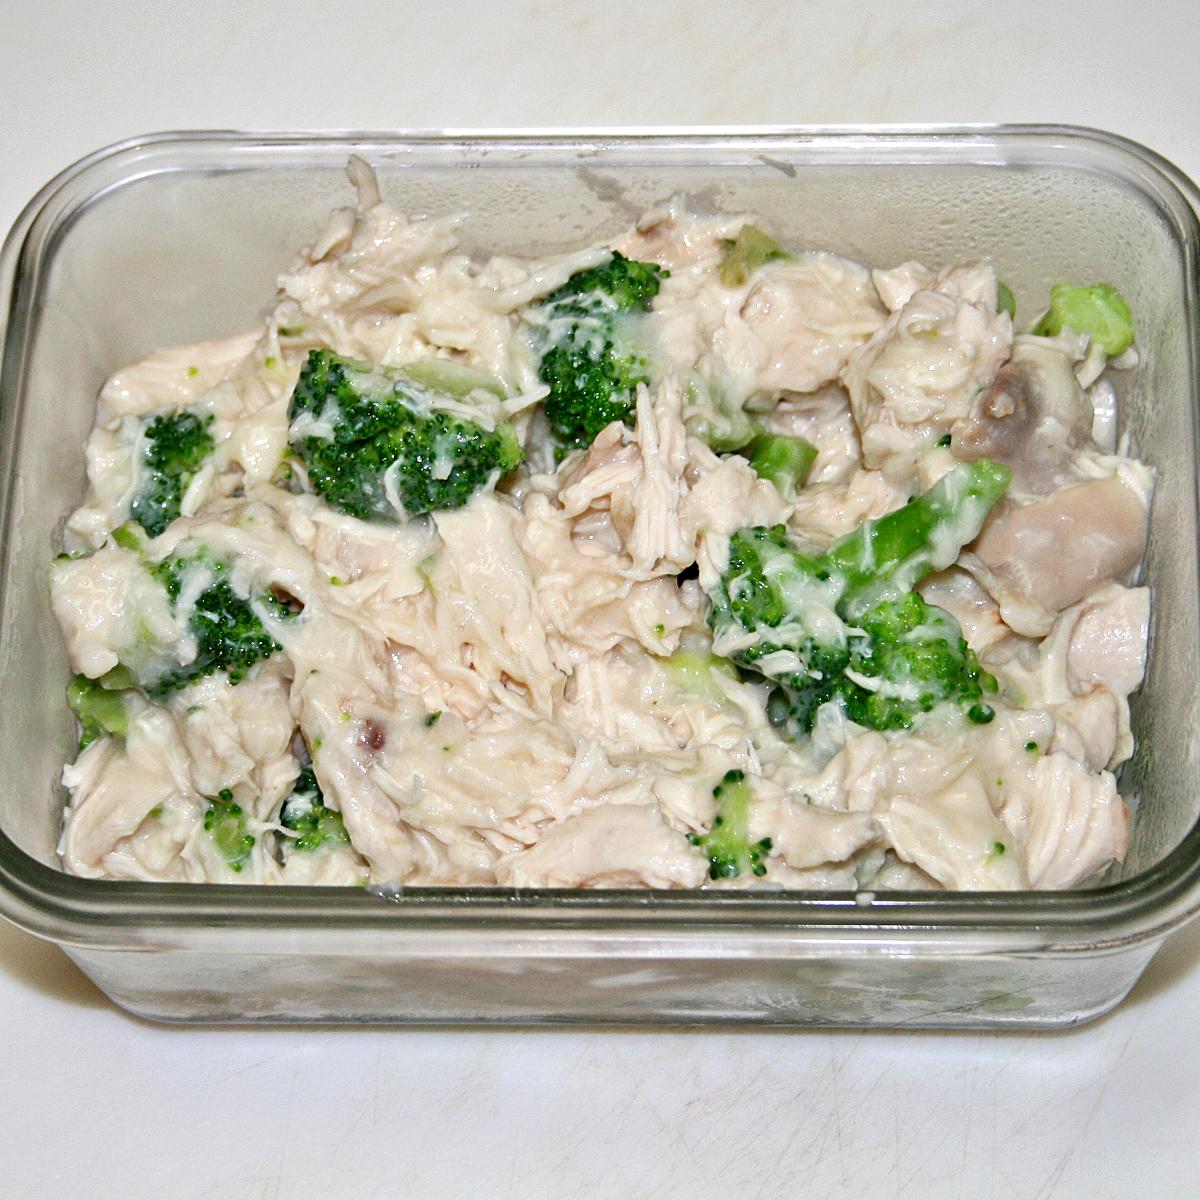 Chicken and Broccoli Strudel